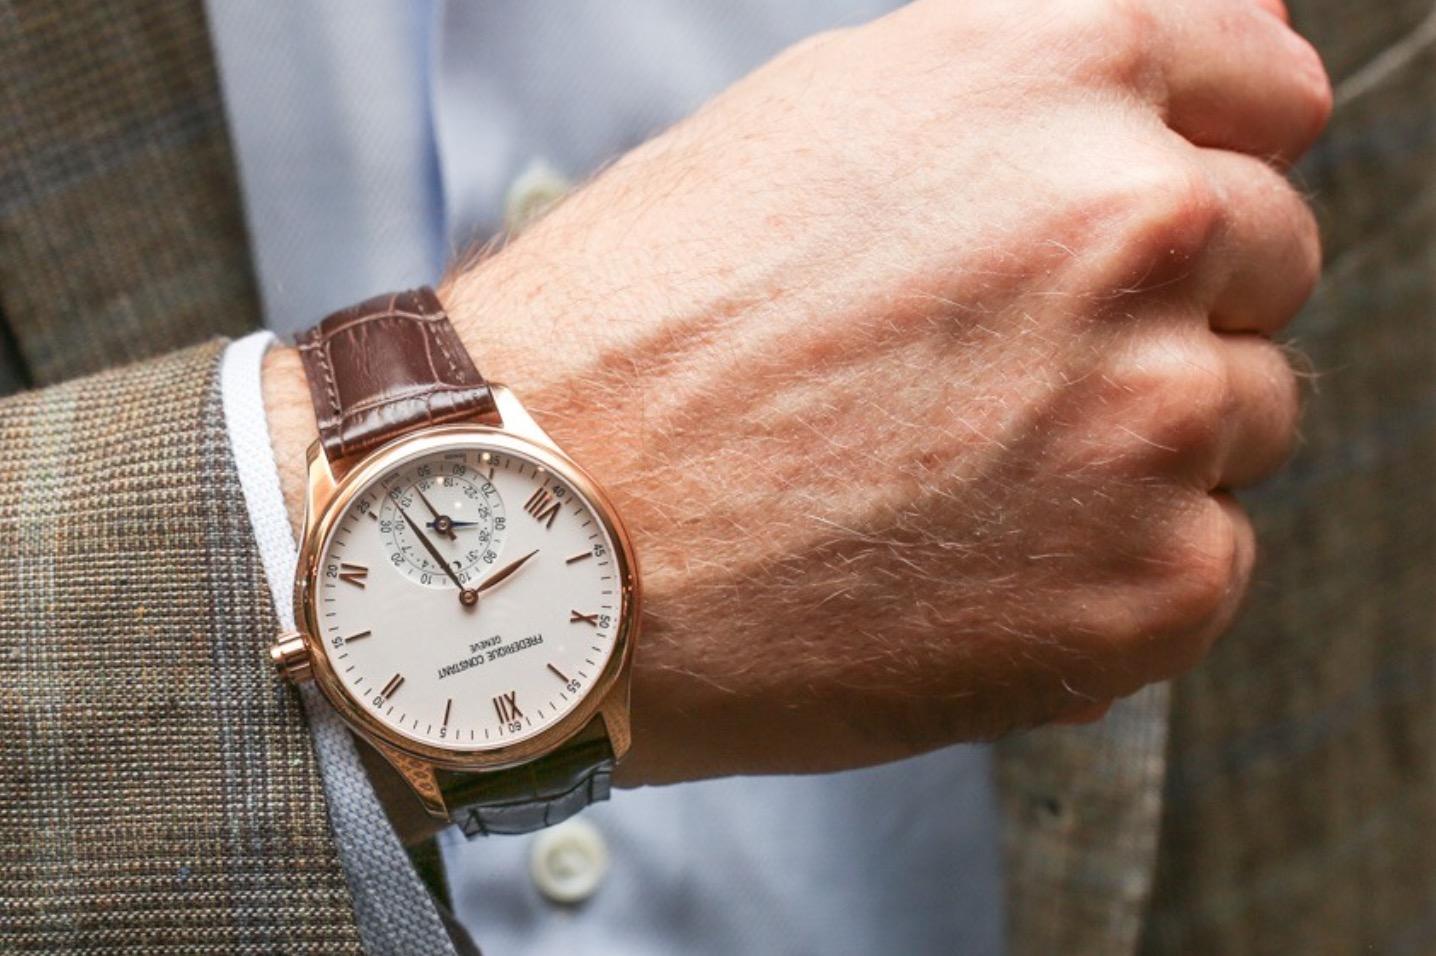 Il sorpasso è avvenuto: gli smartwatch vendono più degli orologi classici